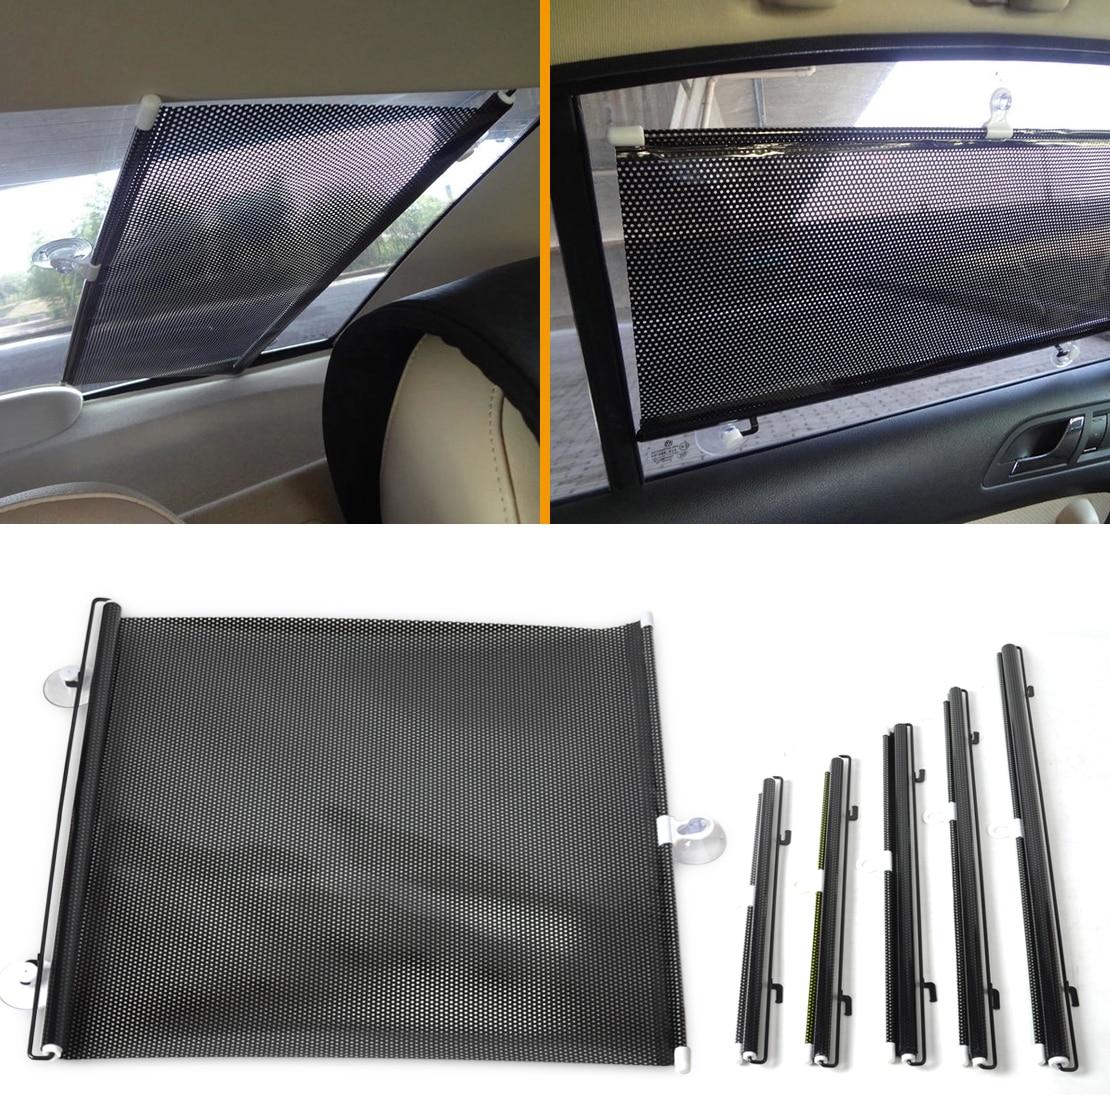 DWCX 40x60см автомобіль переднє / заднє - Зовнішні аксесуари для автомобілів